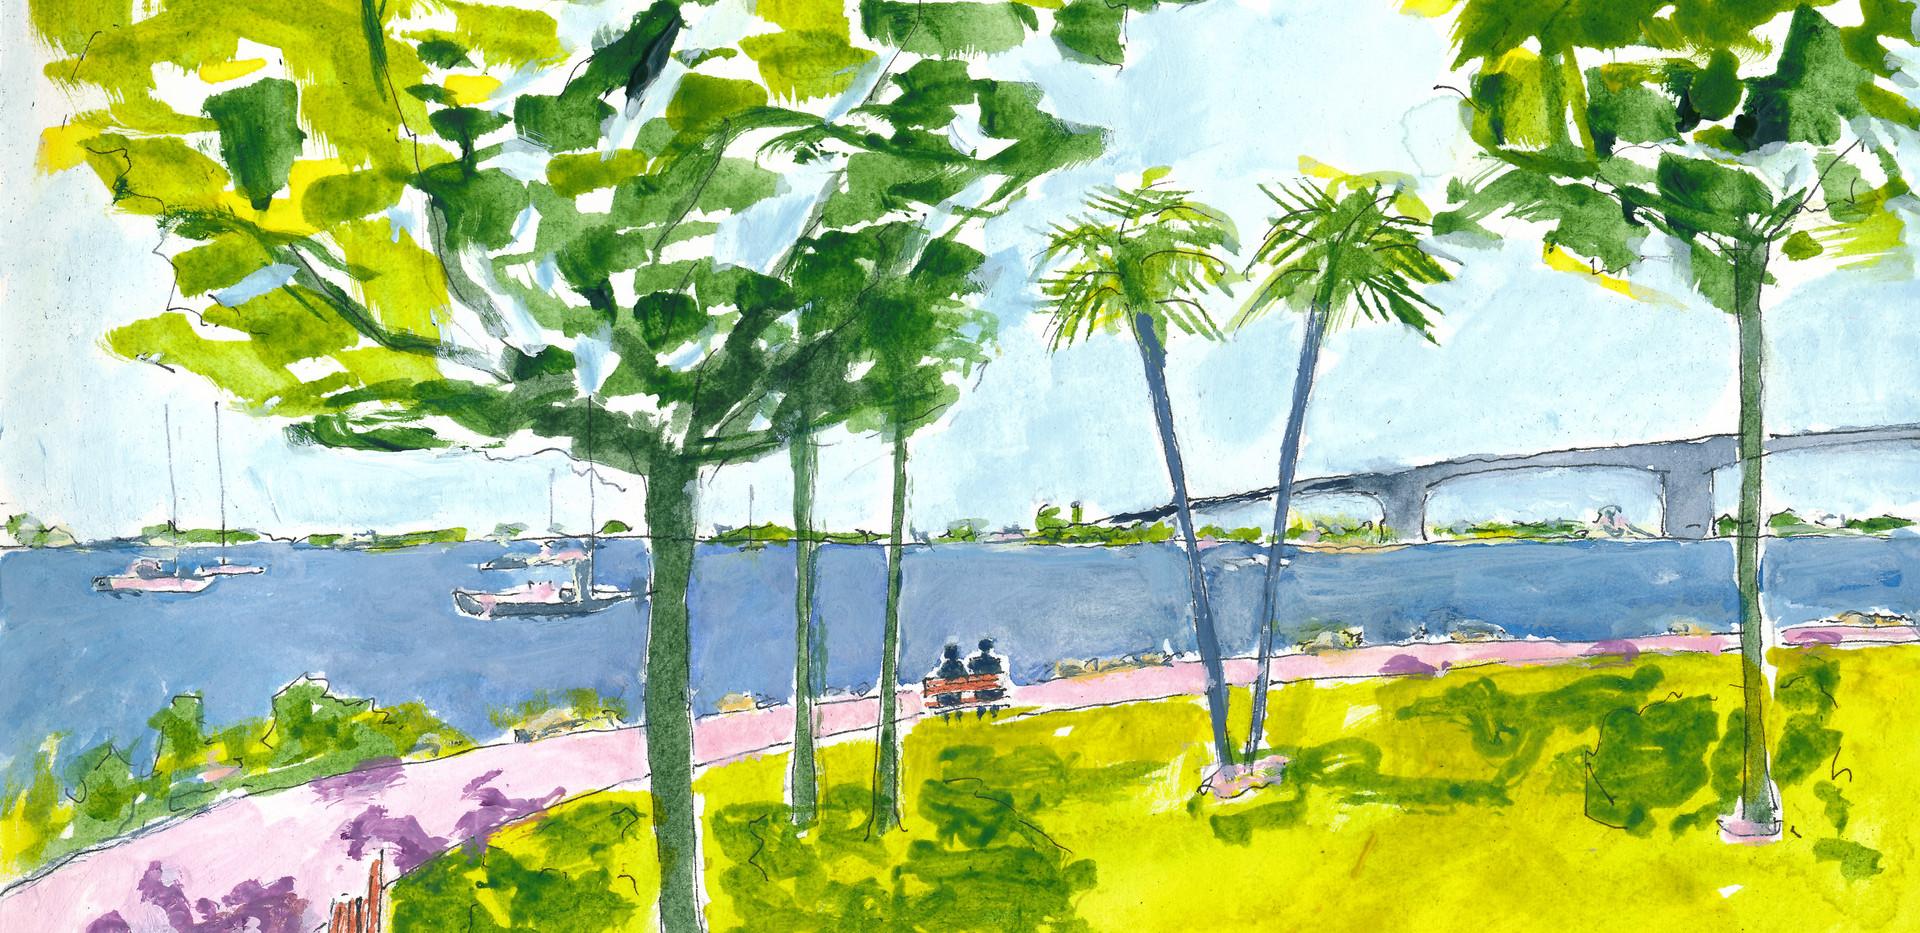 Sarasota Bayfront Park, 2020